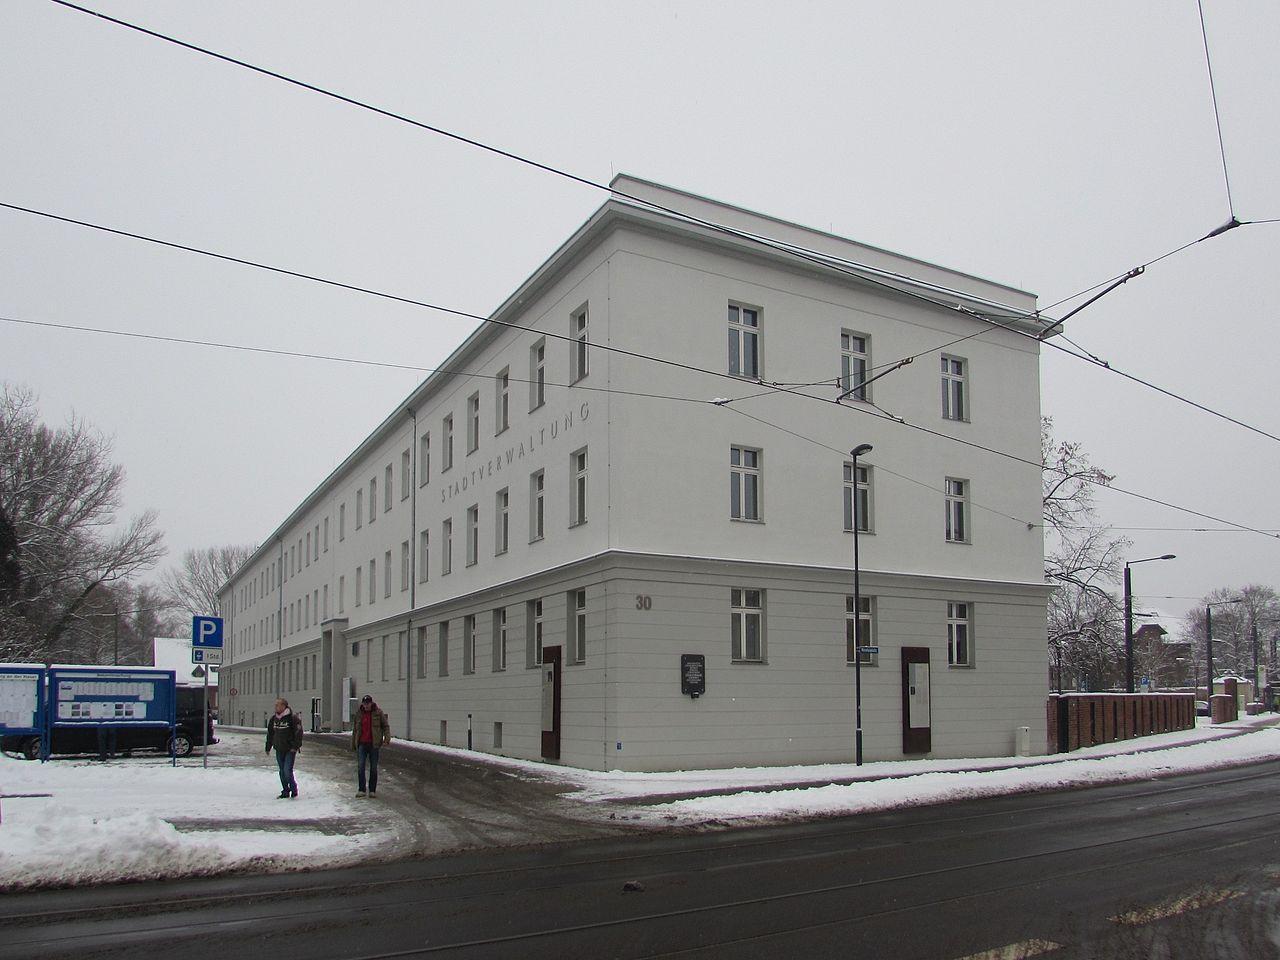 Bild Euthanasie Gedenkstätte Brandenburg Havel